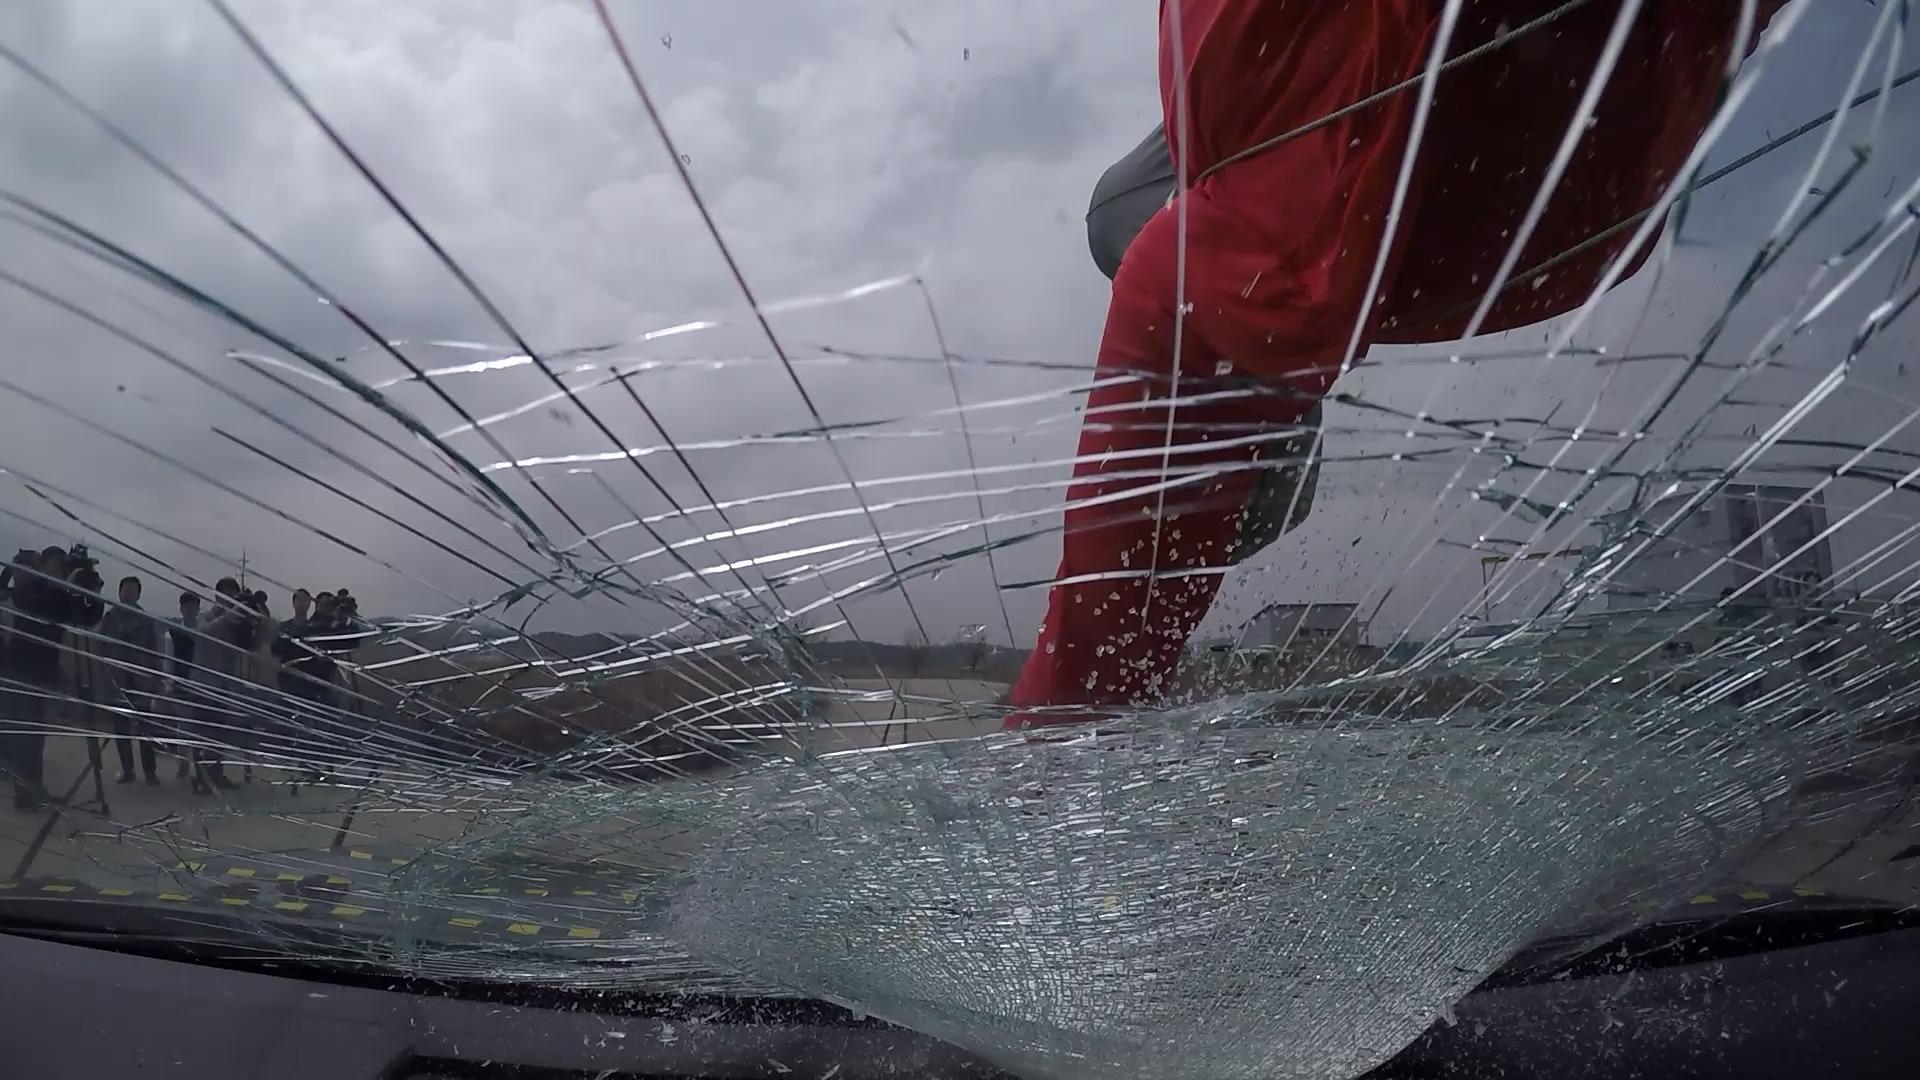 시속 60㎞로 달리는 차와 인체 모형이 충돌한 뒤 차 앞 유리가 심하게 파손됐다. [사진 한국교통안전공단]